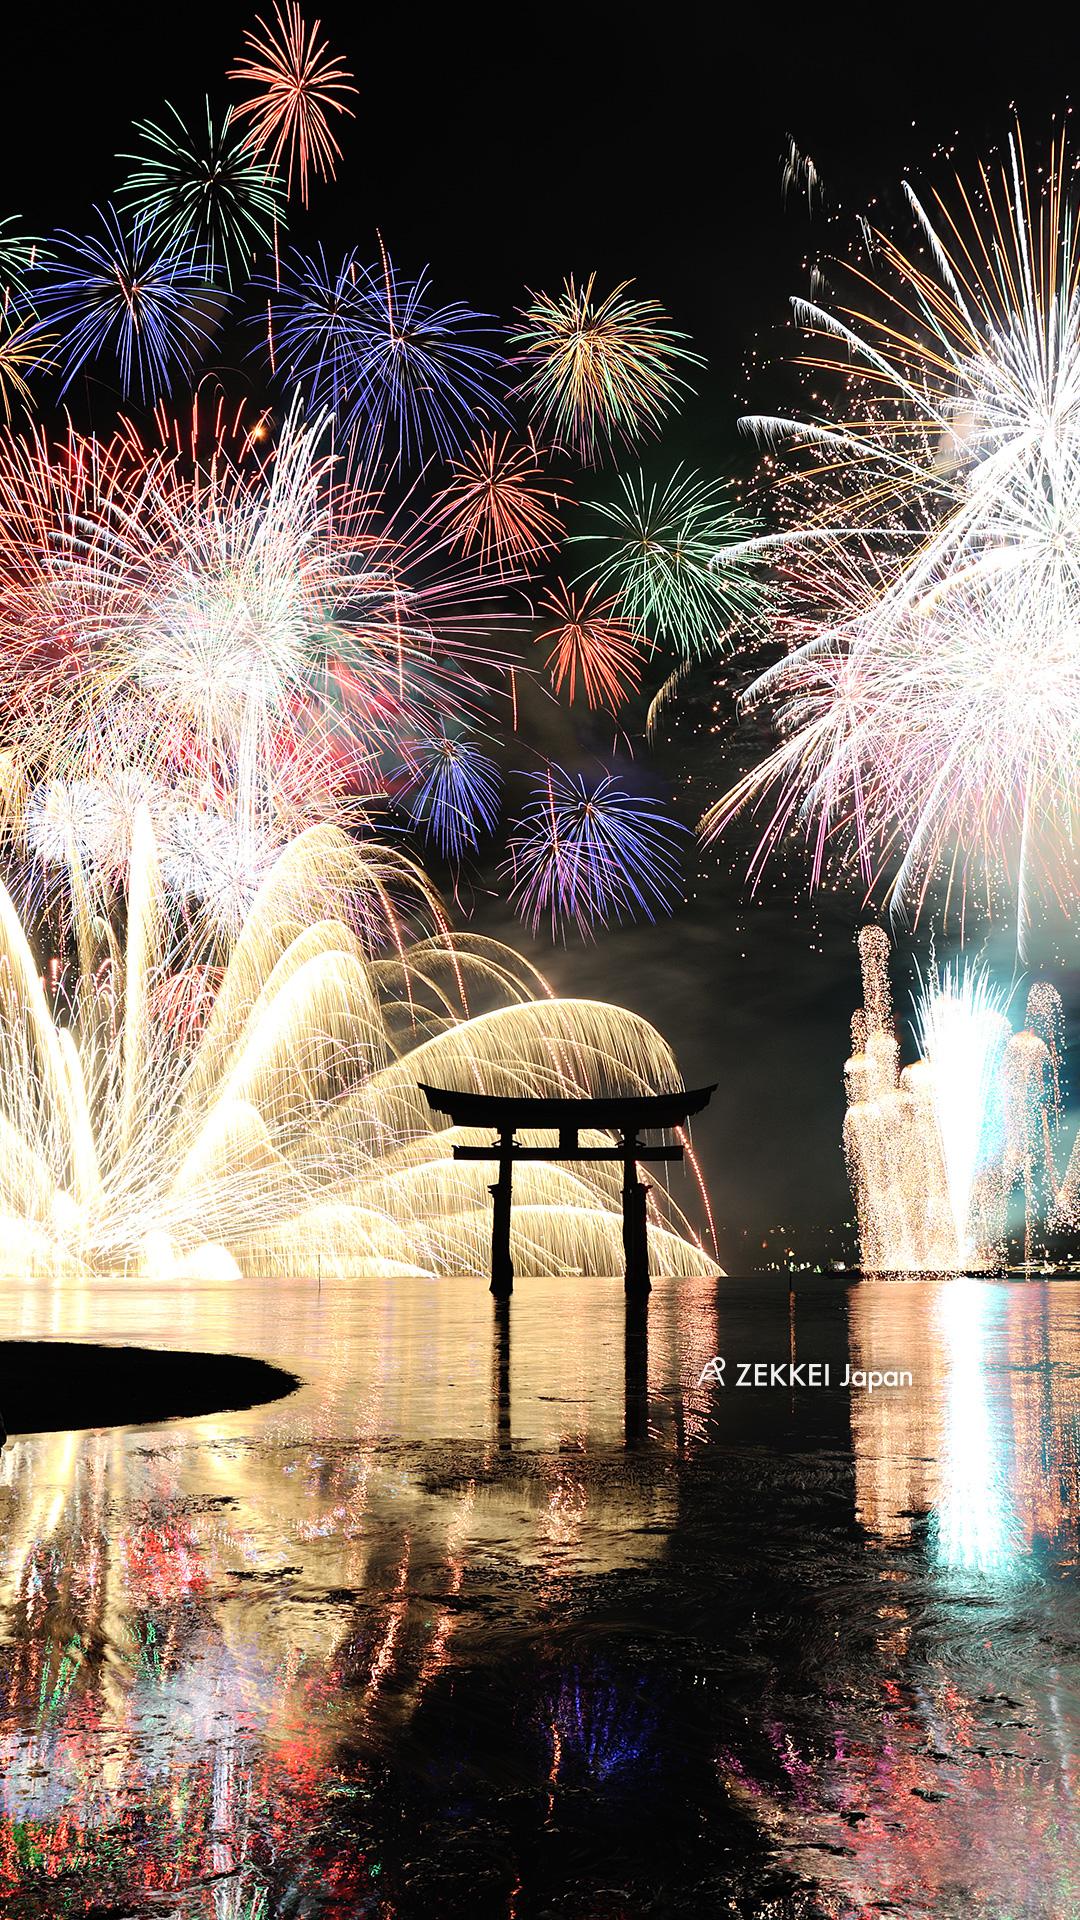 あなたのパソコン スマホに絶景を 夏を彩る花火のzekkei壁紙をプレゼント Zekkei Japan